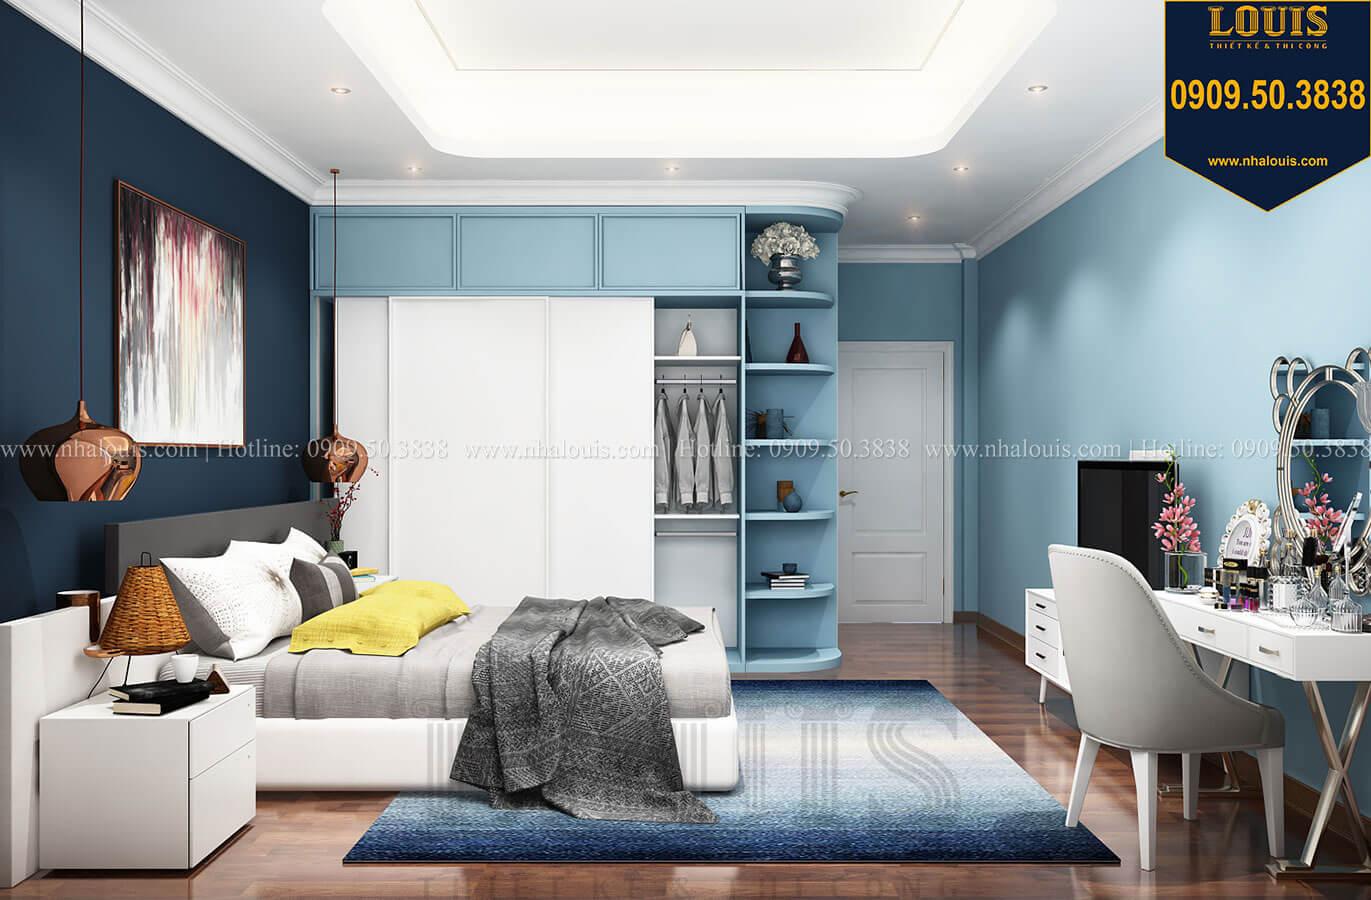 Phòng ngủ con gái Thiết kế nhà tân cổ điển 6 tầng phong cách thời thượng tại Bình Chánh - 22